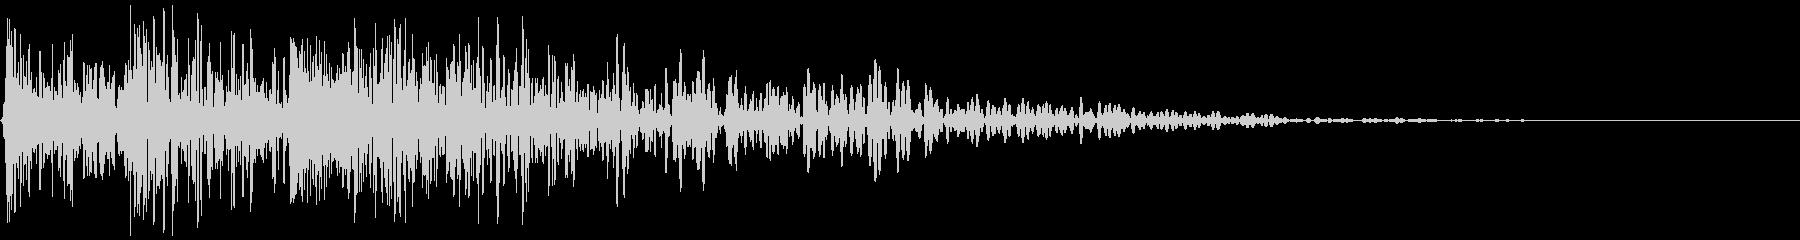 メカ挙動音、衝撃音(ガチャン)の未再生の波形